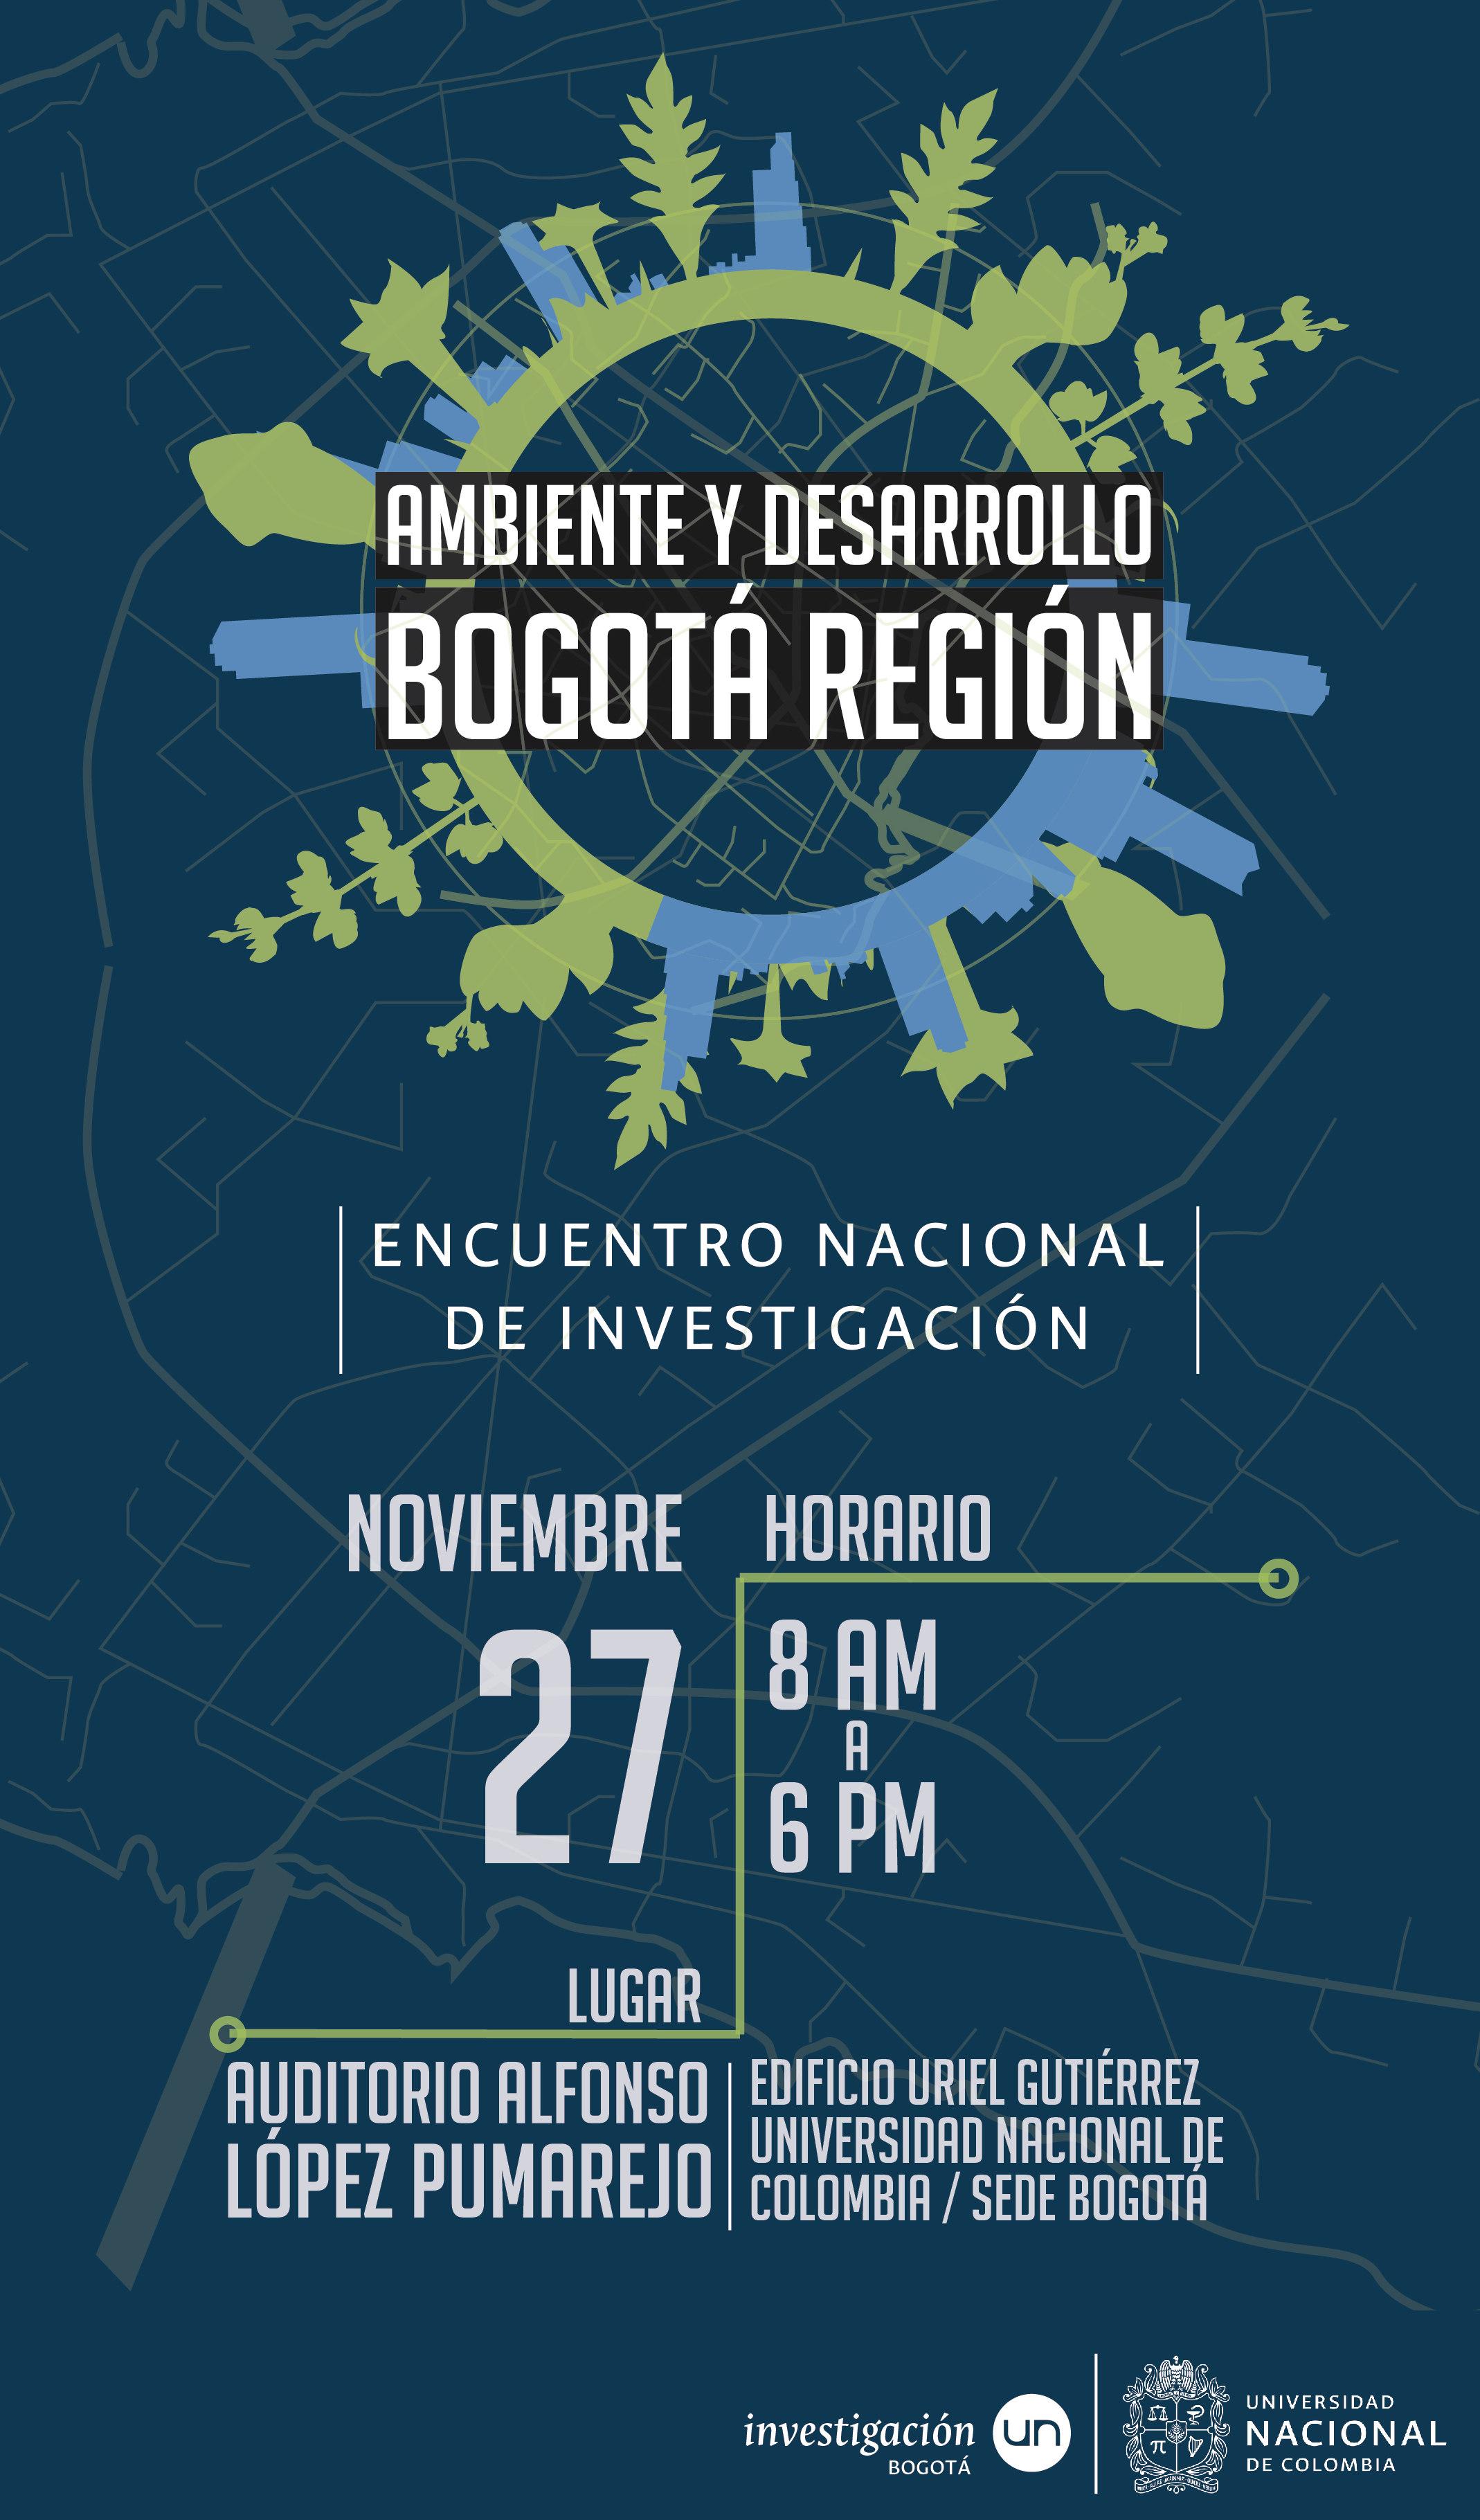 Evento Nacional de Investigación: Ambiente y Desarrollo en Bogotá Región